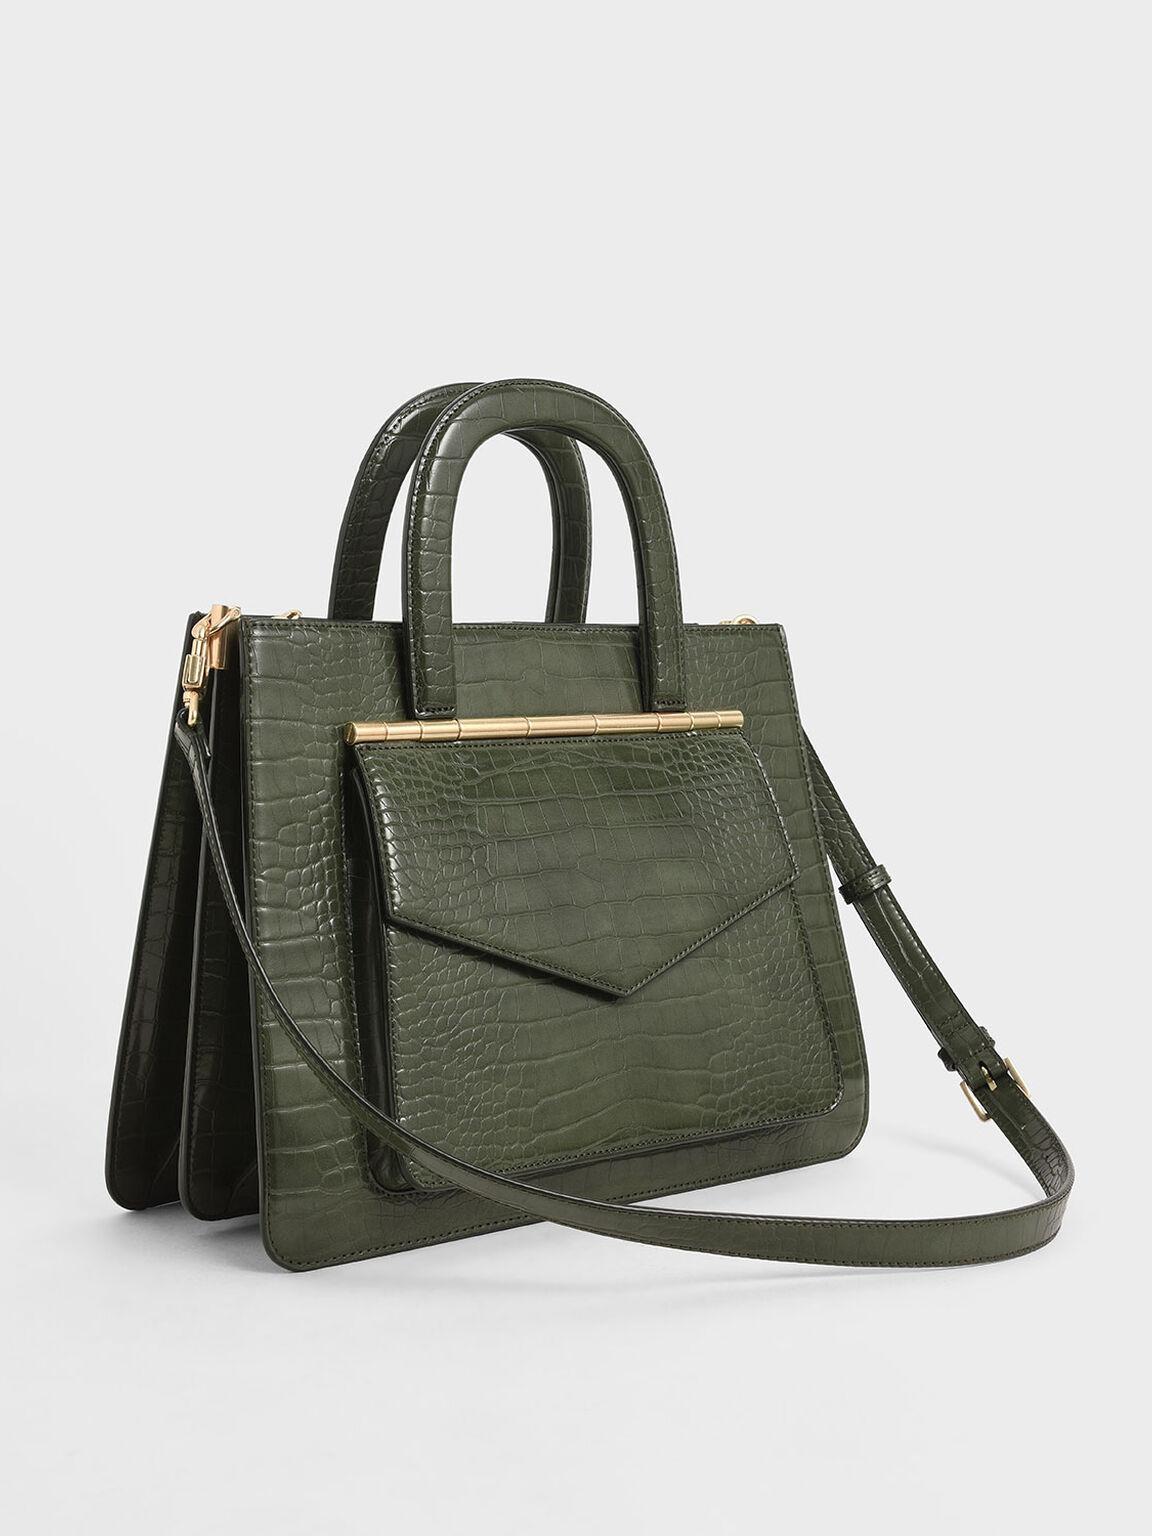 Croc-Effect Structured Tote Bag, Olive, hi-res